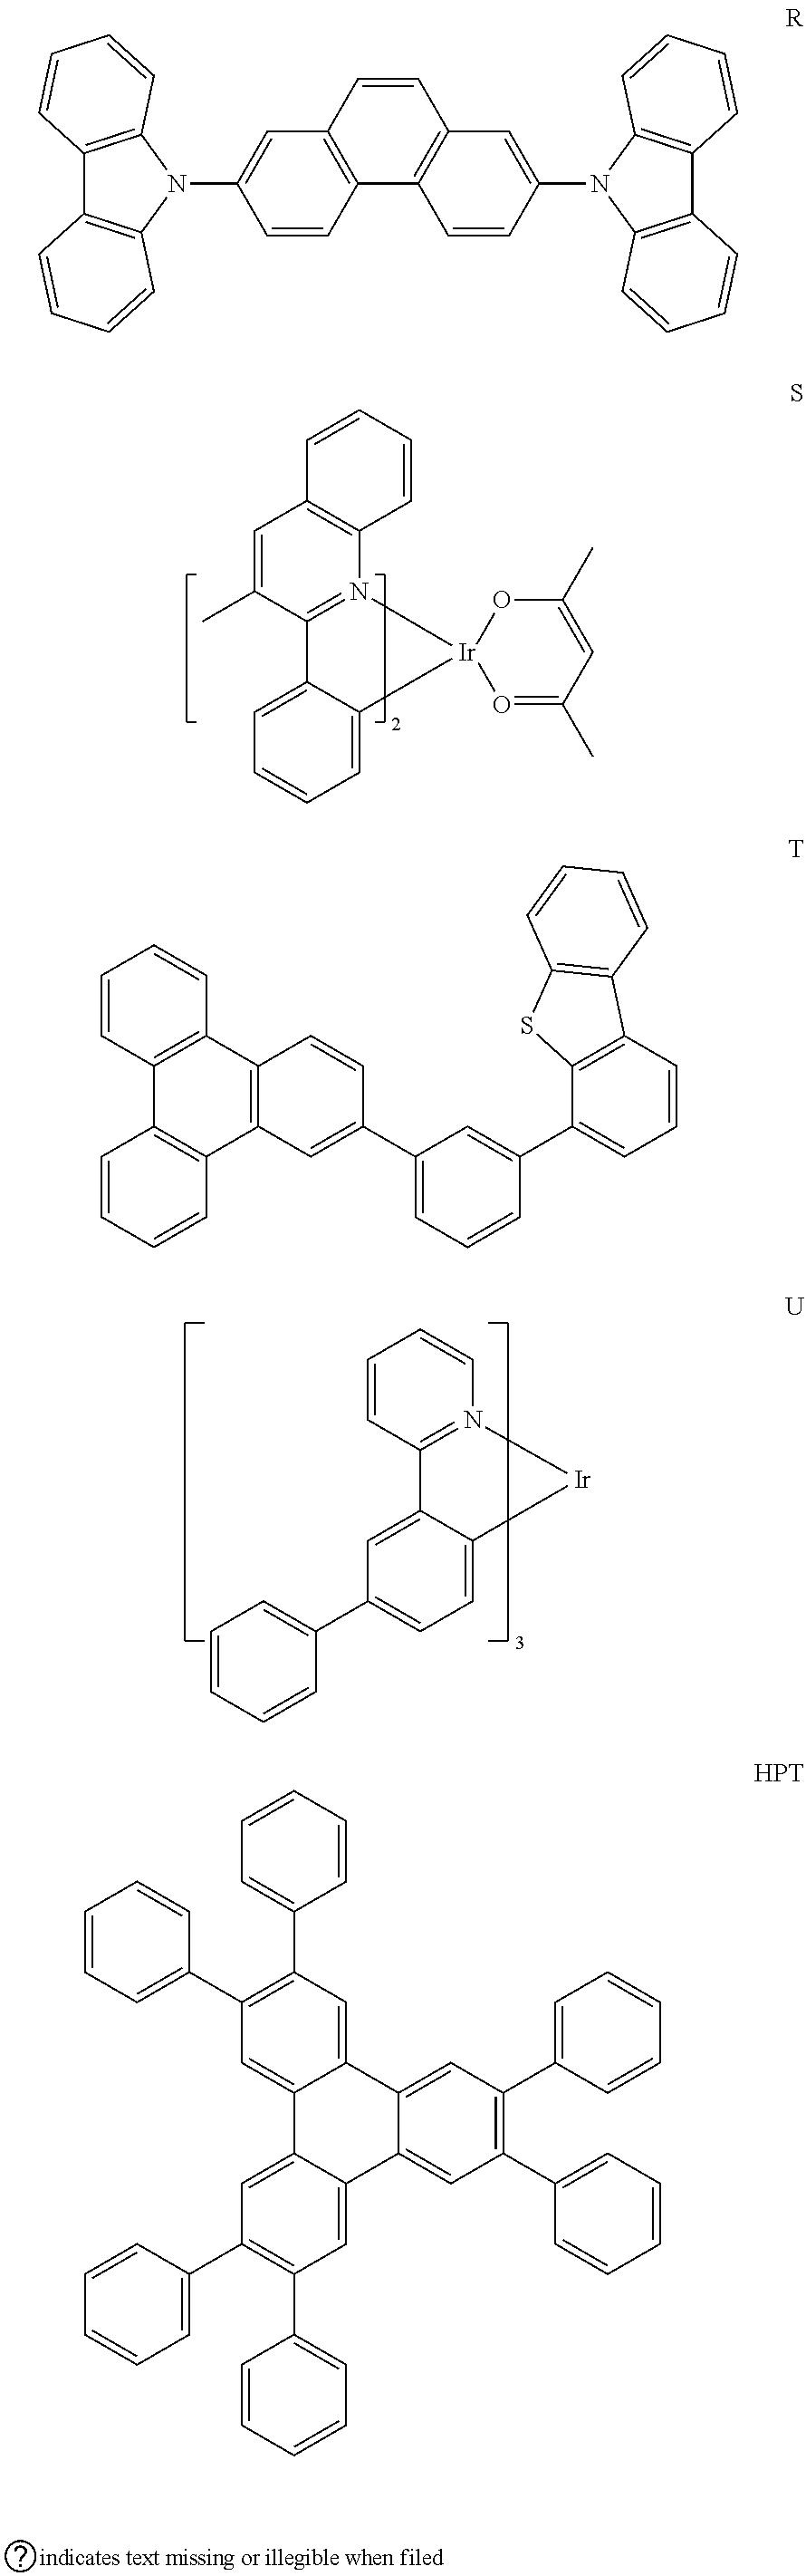 Figure US20110057171A1-20110310-C00005